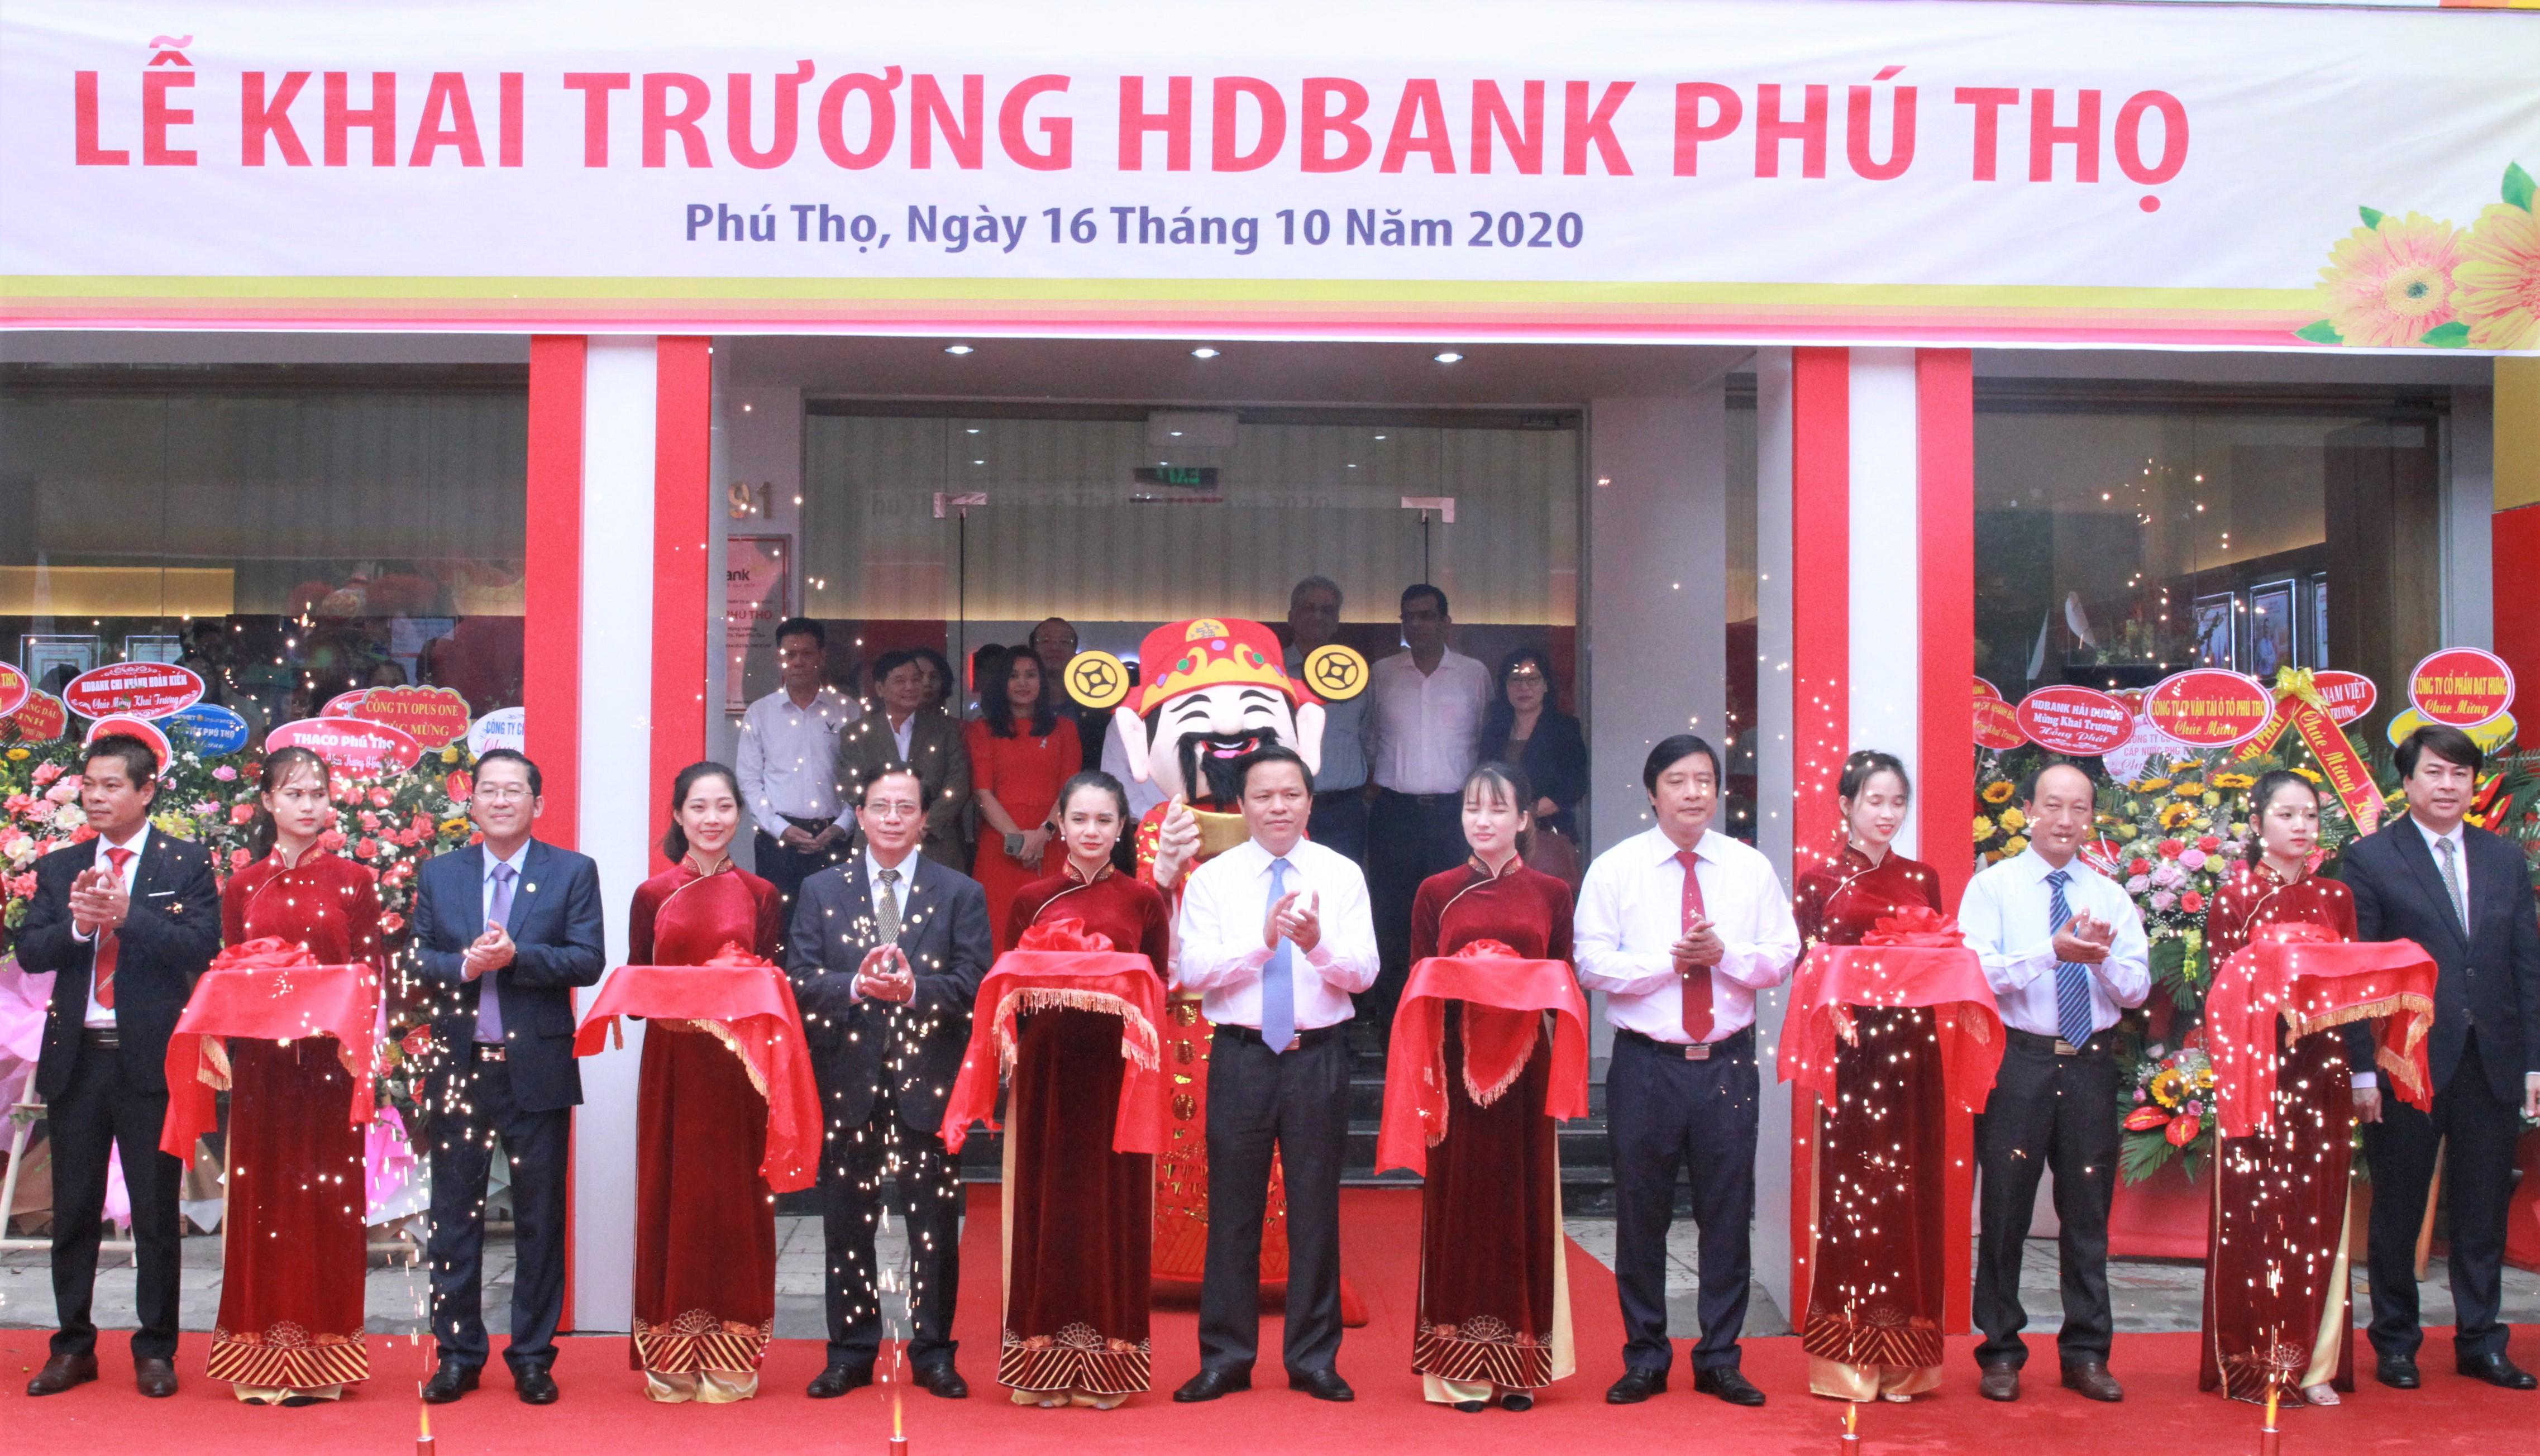 HDBank khai trương và đi vào hoạt động tại Phú Thọ - Ảnh 1.